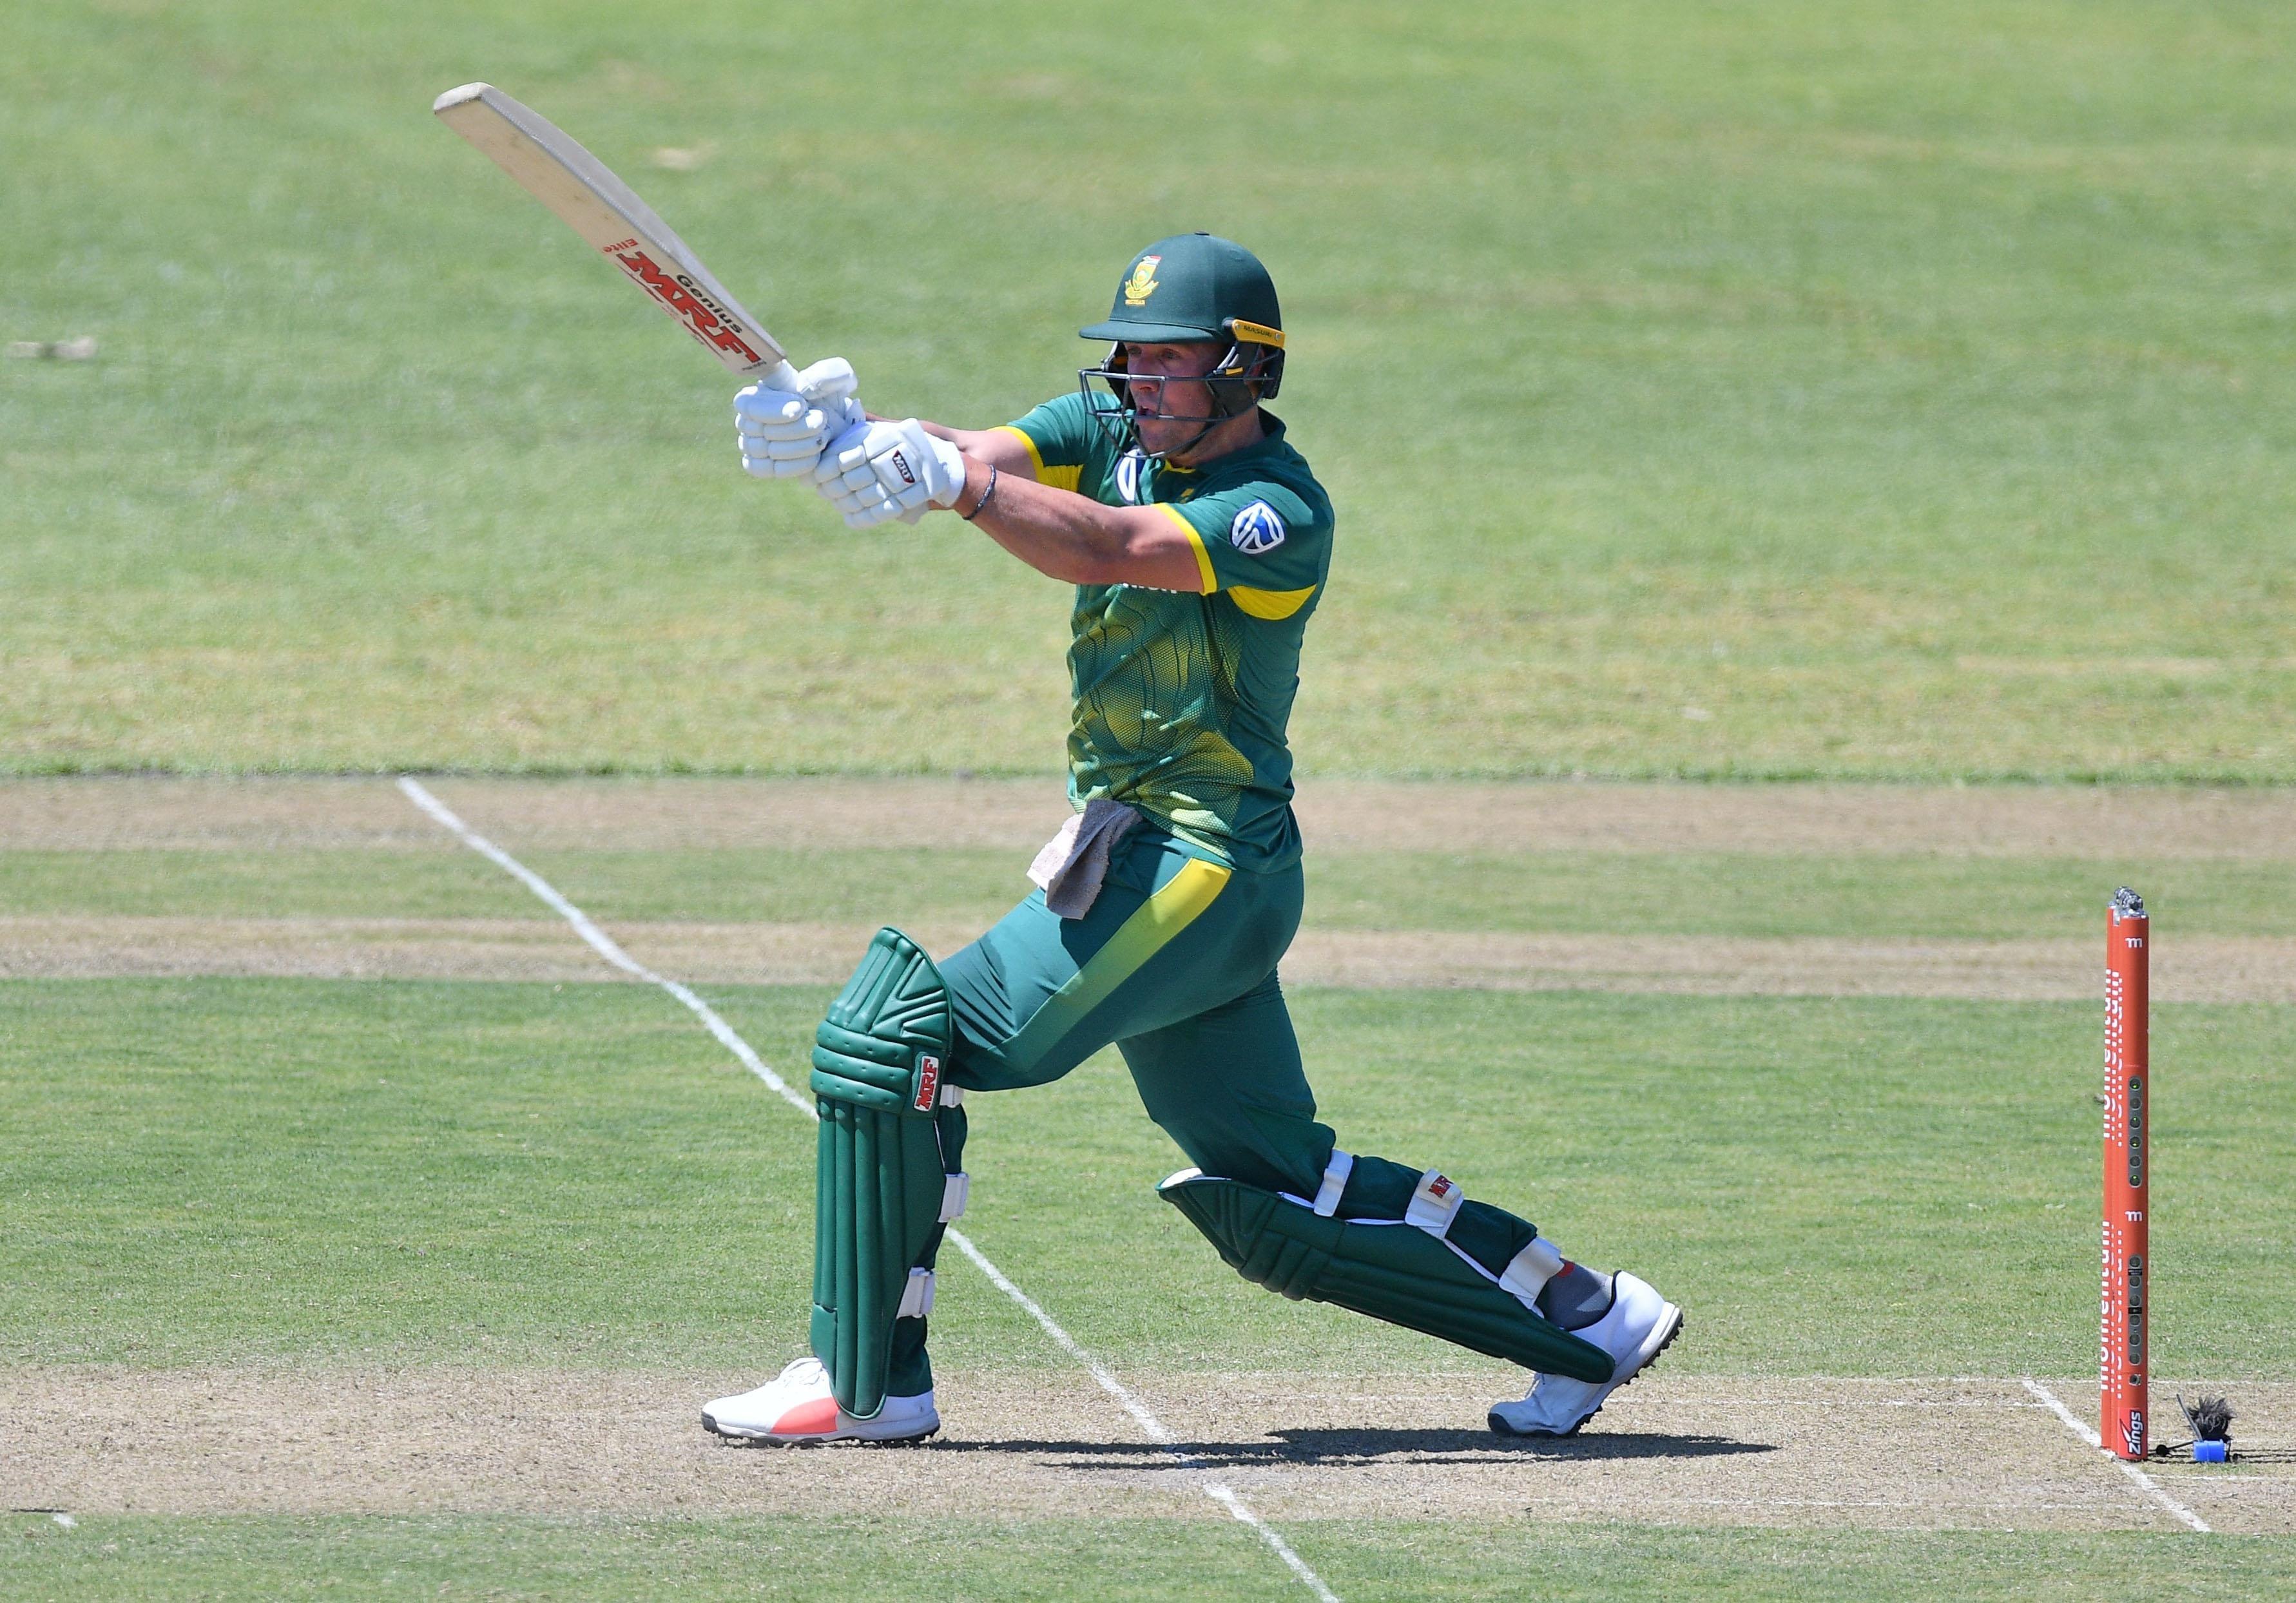 ક્રિકેટ ફેન્સ માટે ખરાબ સમાચાર, હવે ક્યારેય આંતરરાષ્ટ્રીય ક્રિકેટમાં વાપસી નહીં કરે AB de Villiers